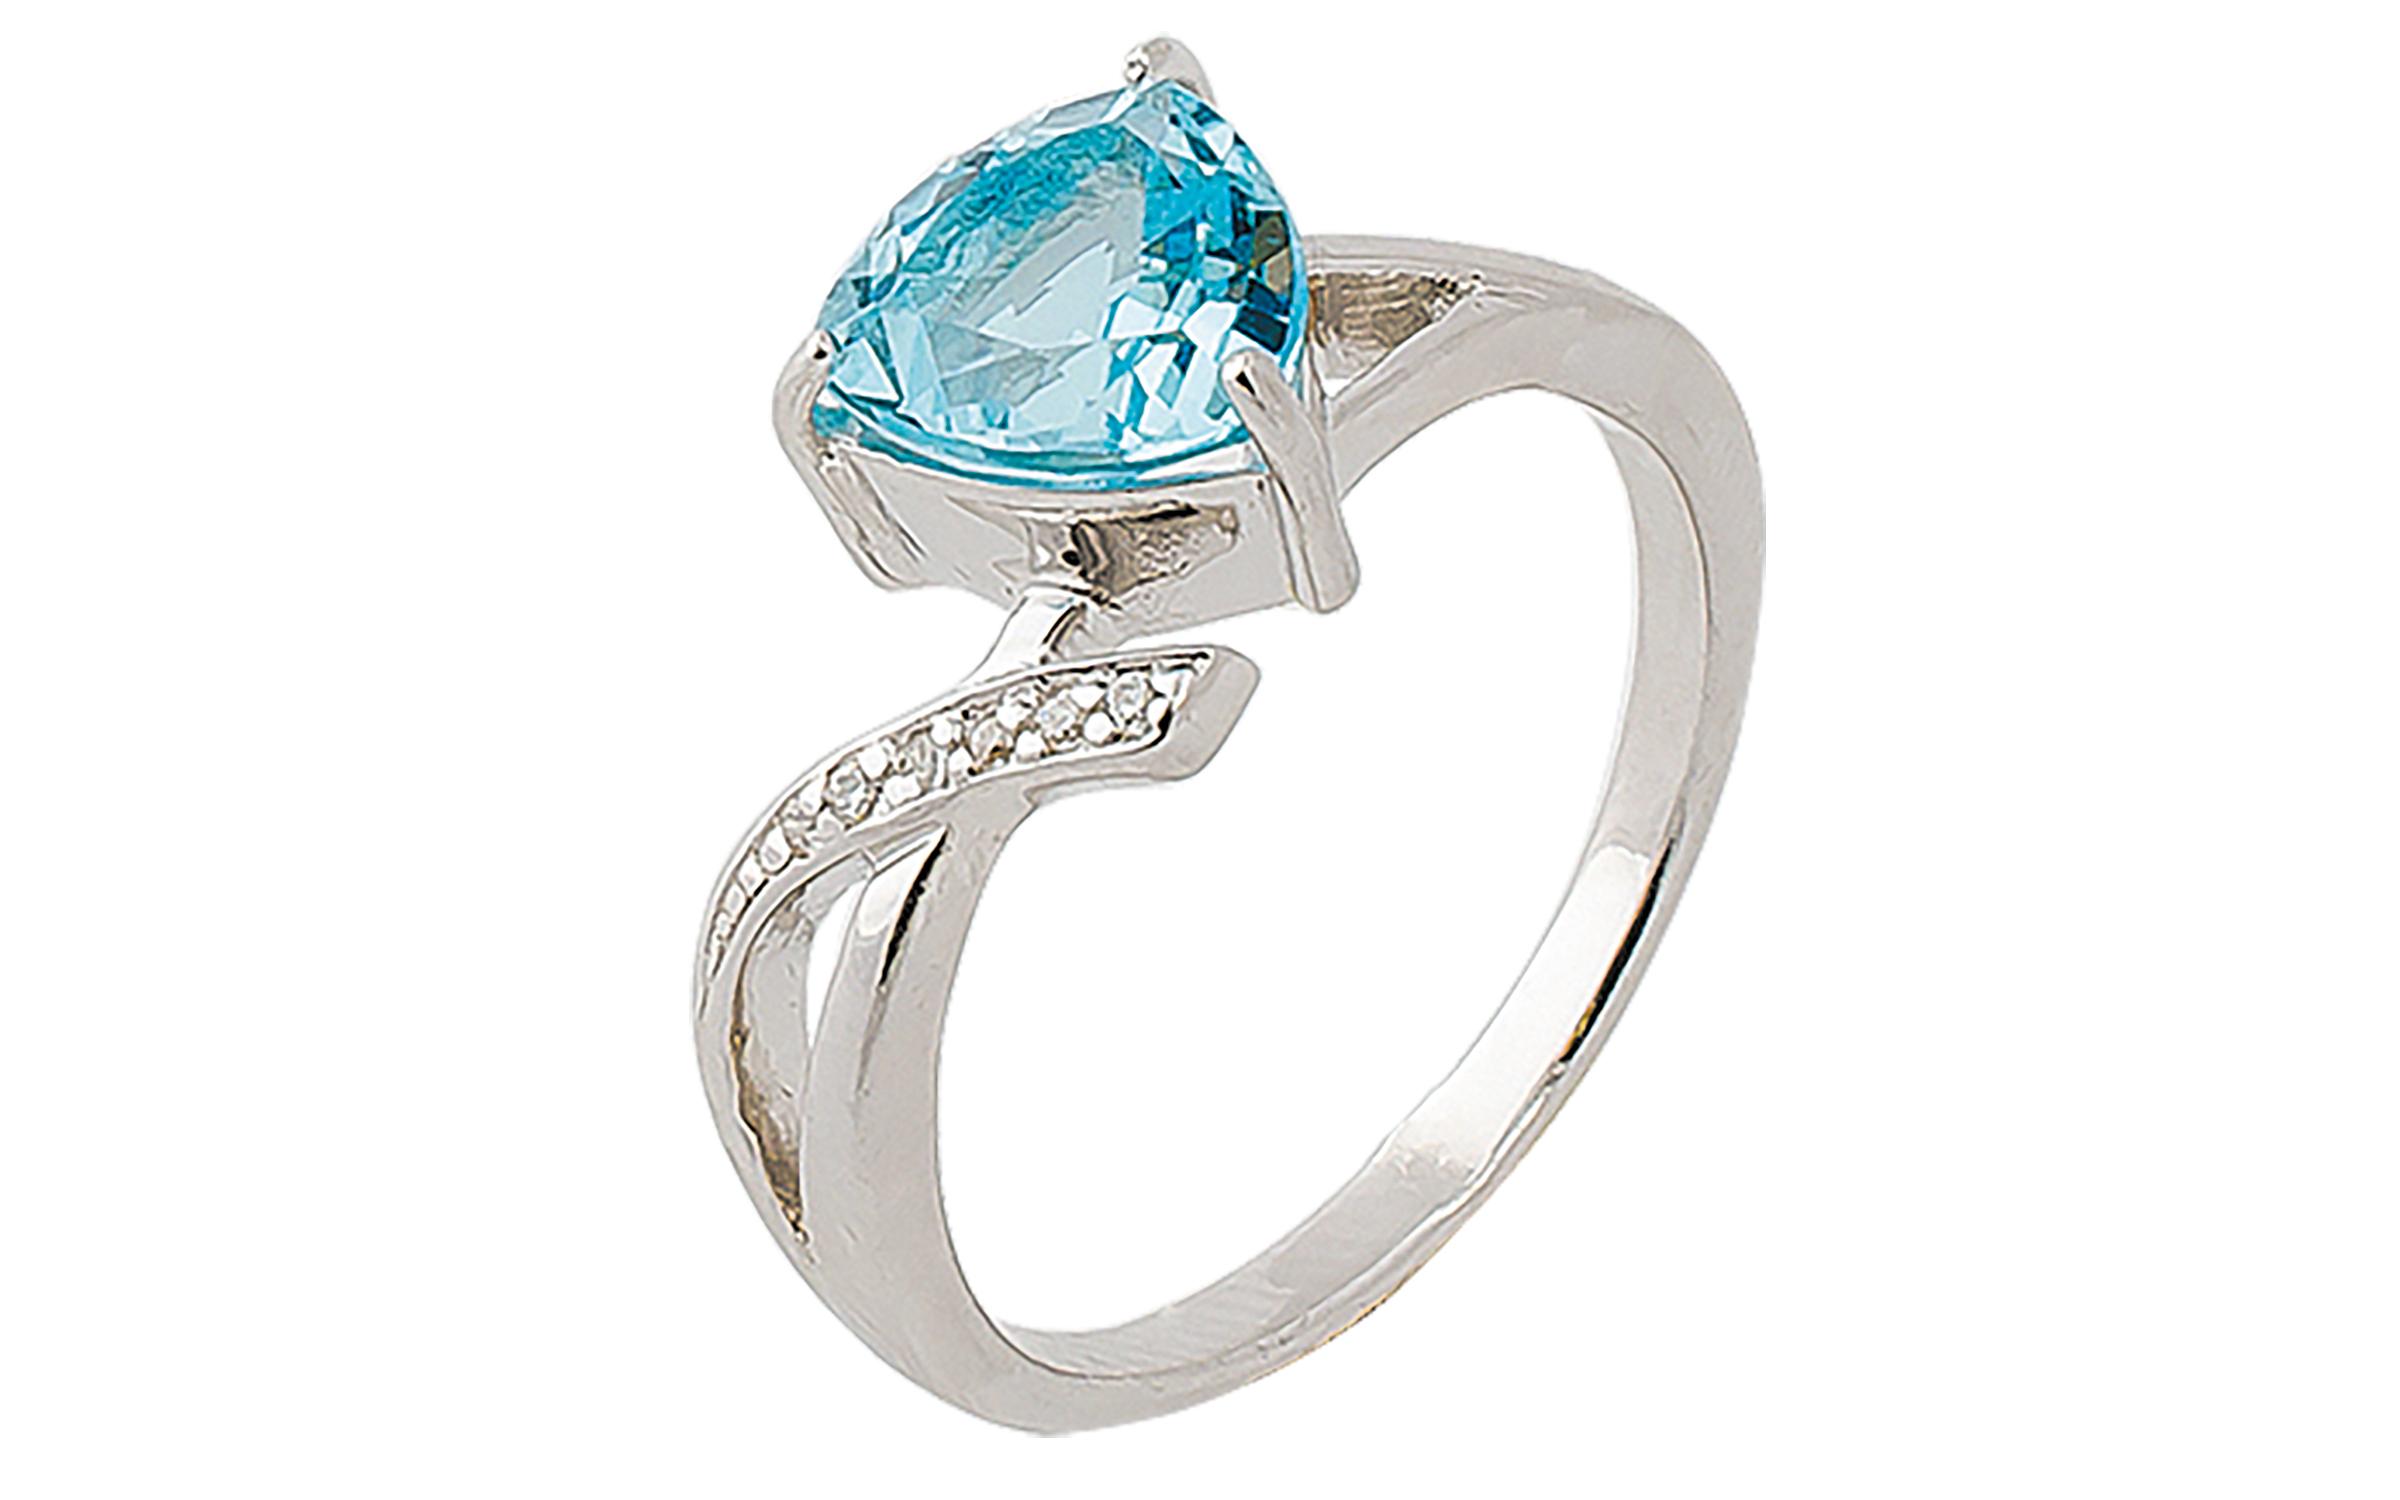 Предметная фотосъемка ювелирных украшений кольцо для каталога и сайта Екатеринбург